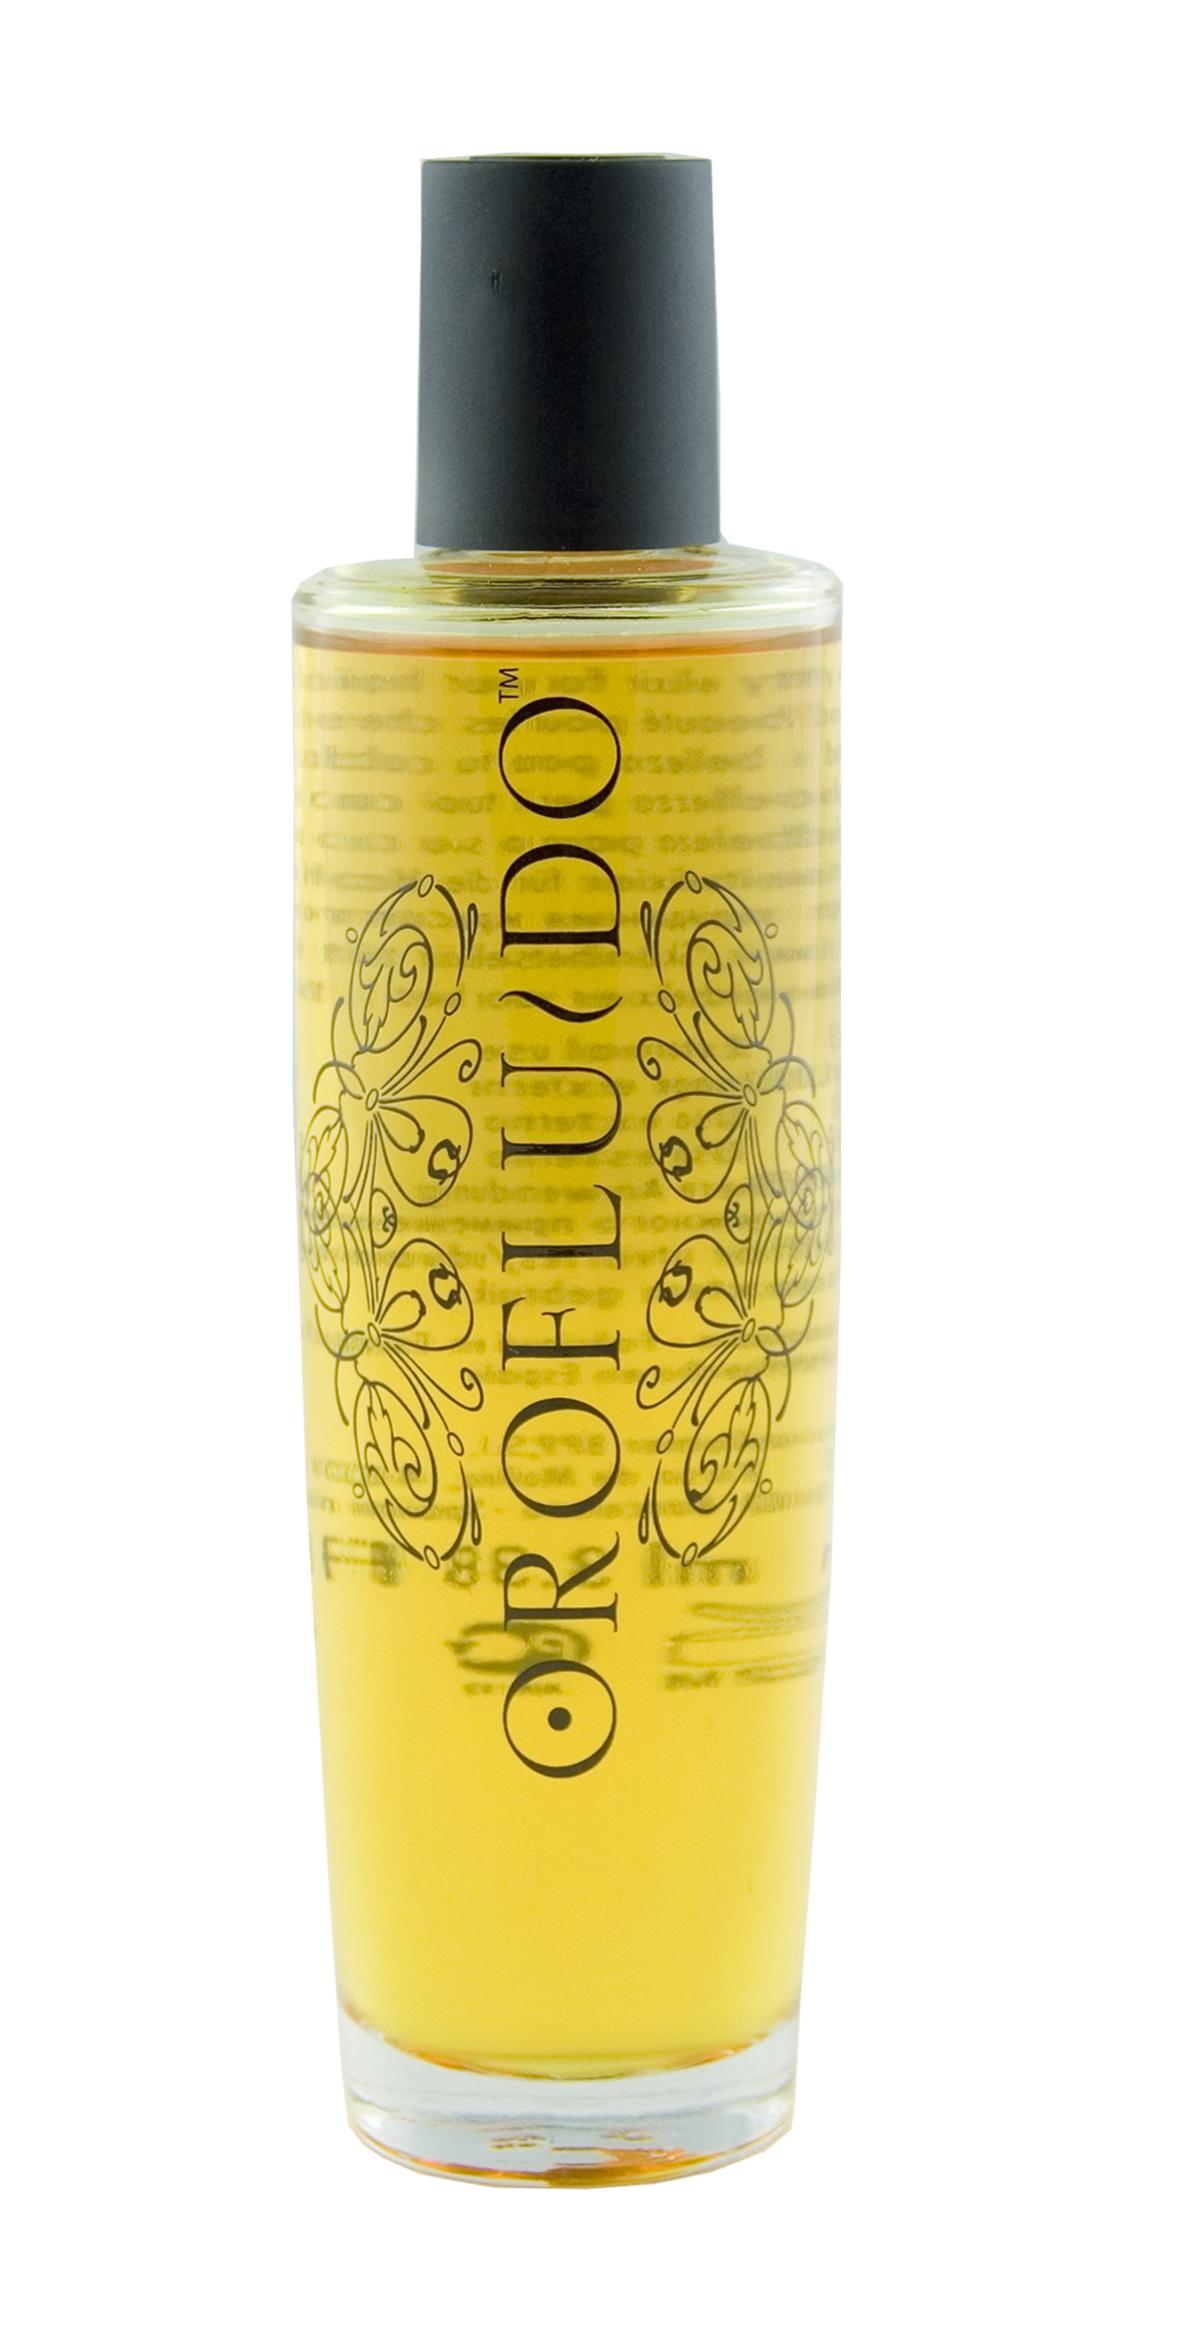 Orofluido(TM) Orofluido Elixir 100 ml 70548